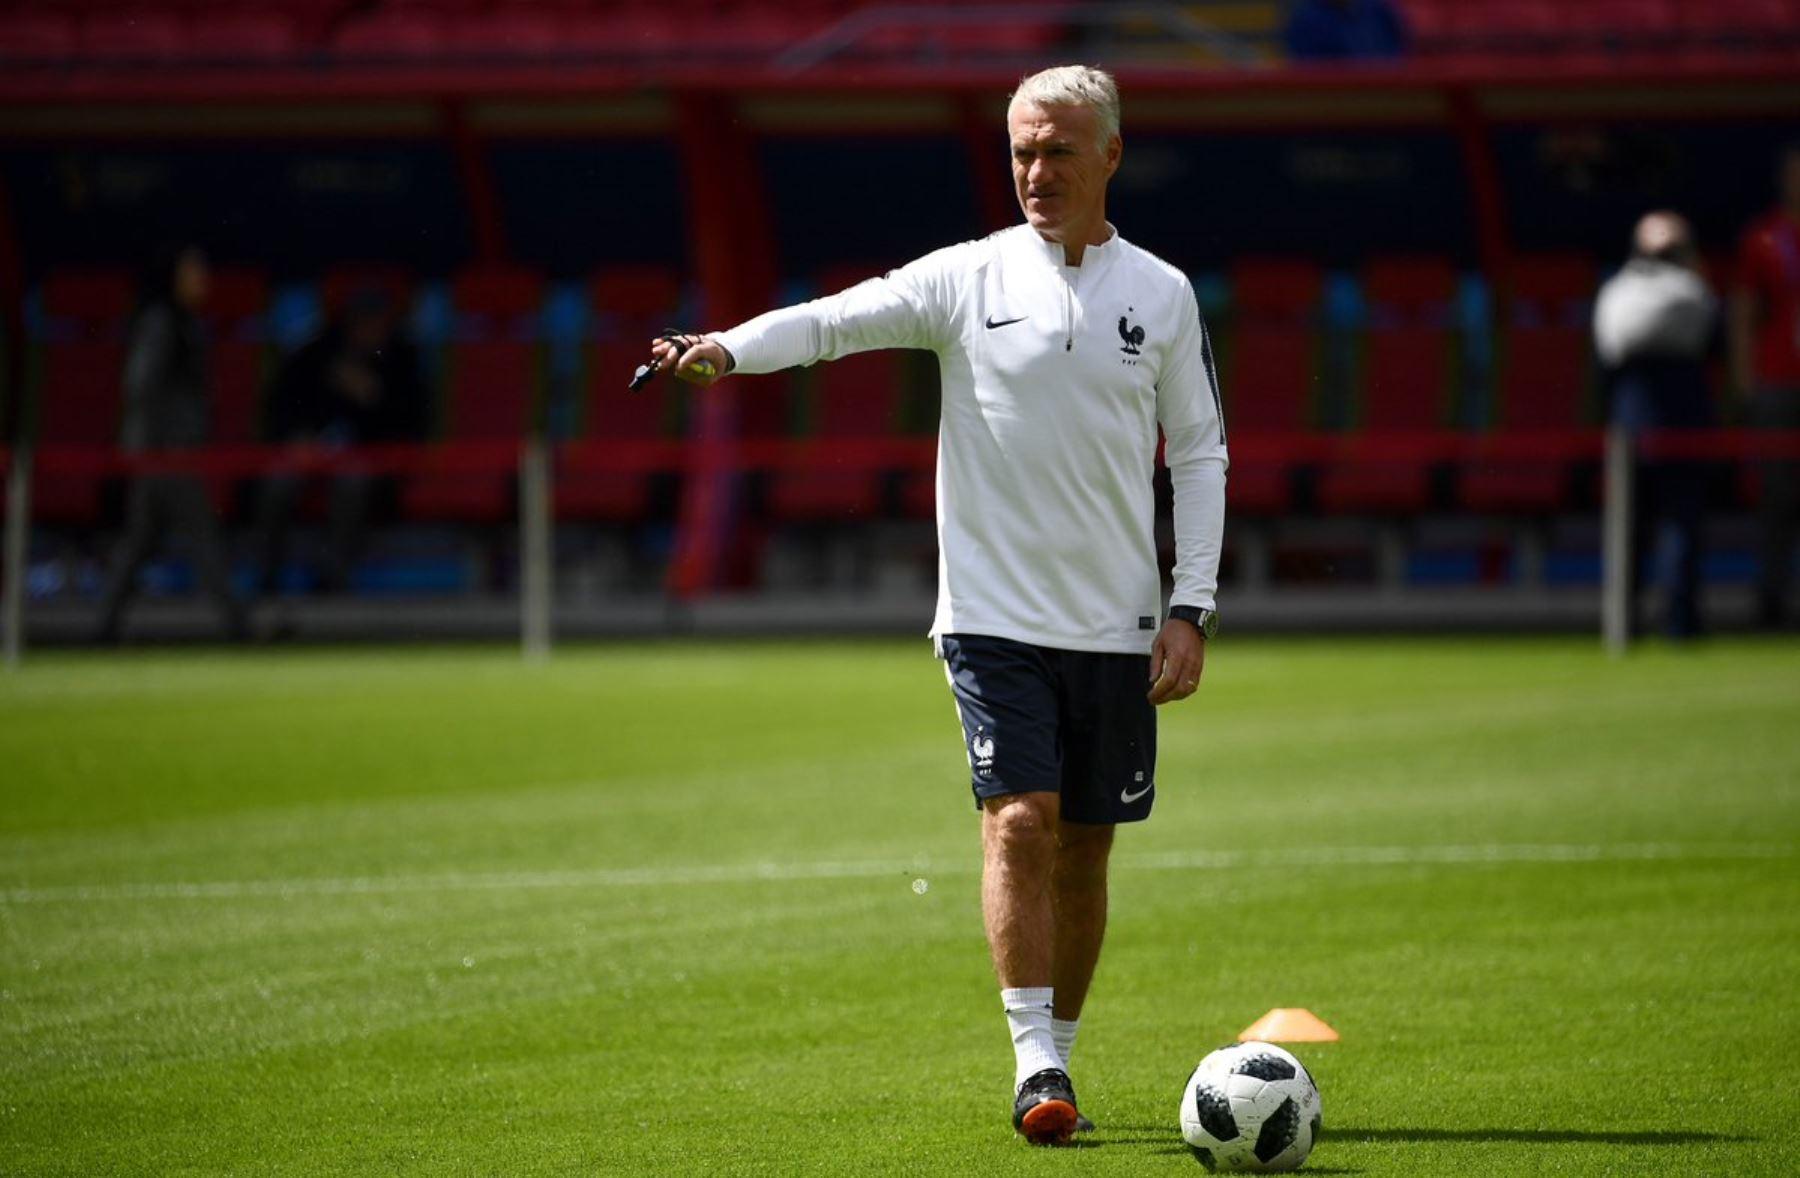 Deschamps seguirá al frente de los Bleus, asegura presidente del fútbol francés